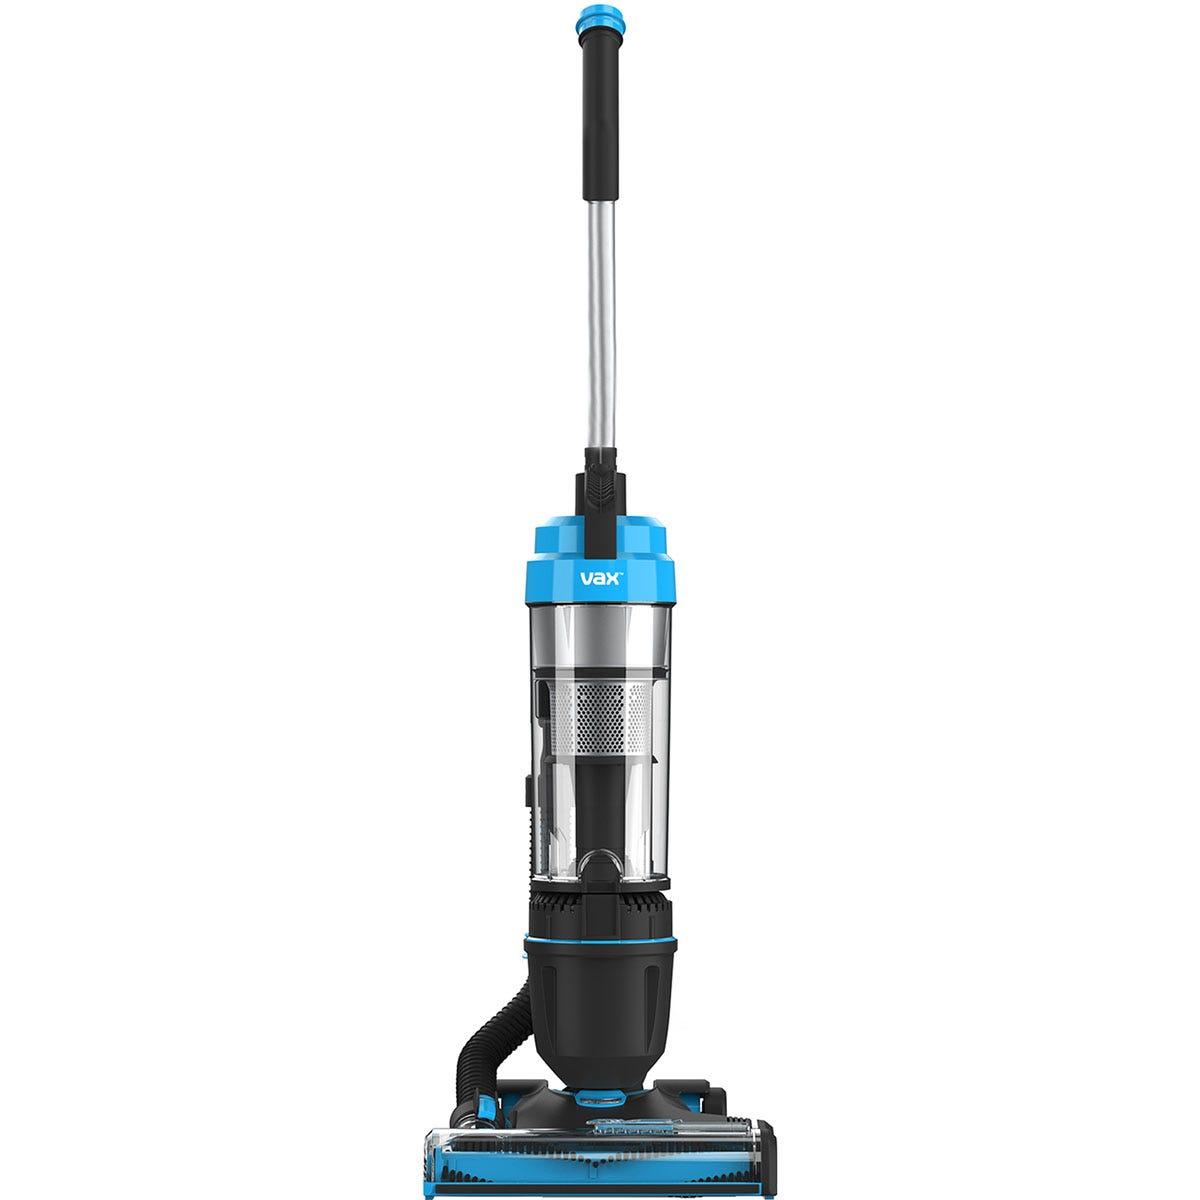 Vax UCA3GEV1 Mach Air Energise 1.5L Multi-Cyclonic Vacuum Cleaner - Grey / Blue